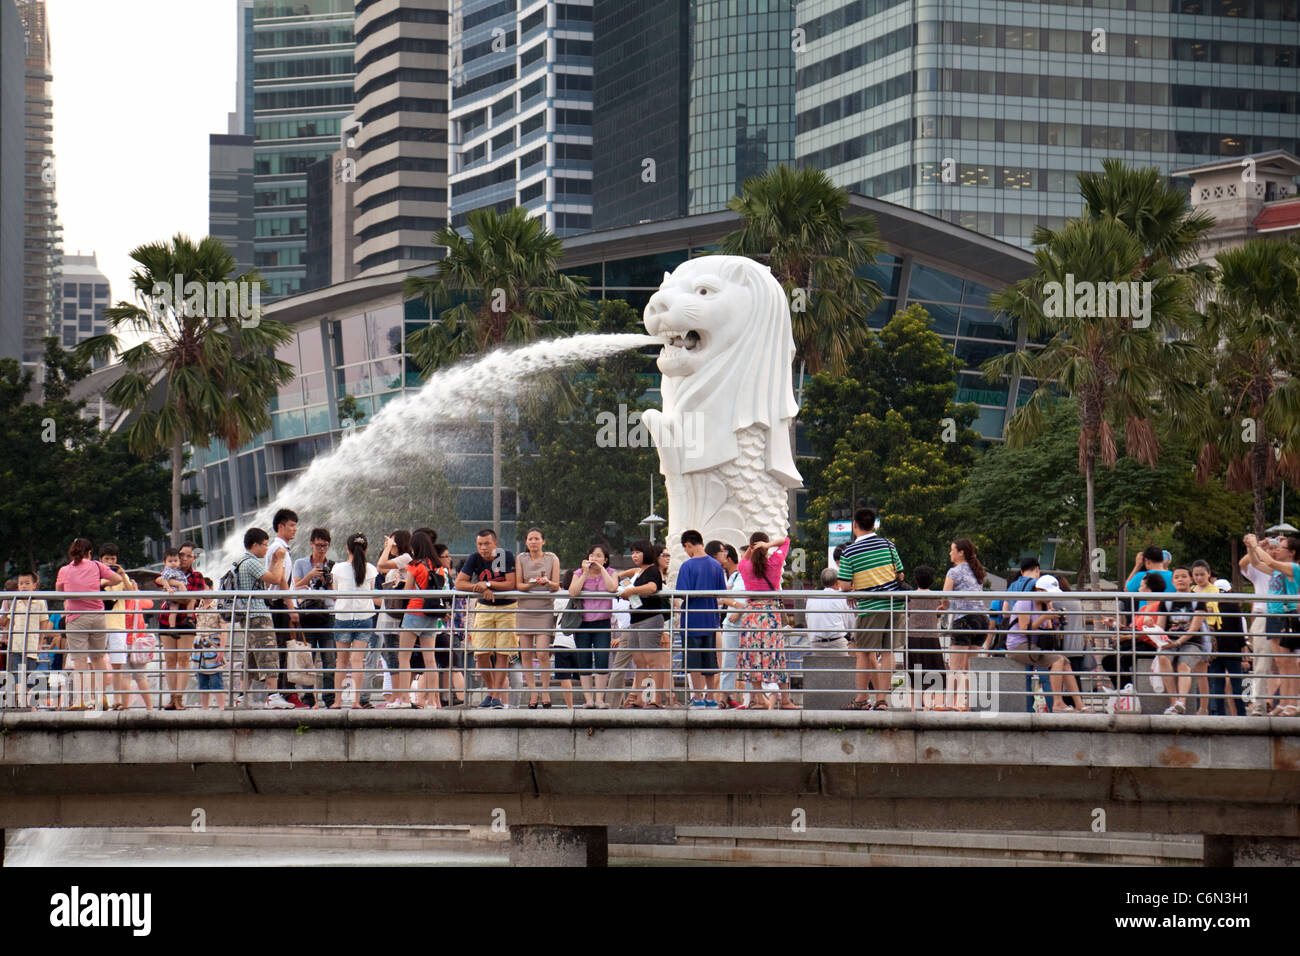 La statue du Merlion, symbole de Singapour, et l'esplanade, le quartier de la marina, l'Asie Singapour Banque D'Images